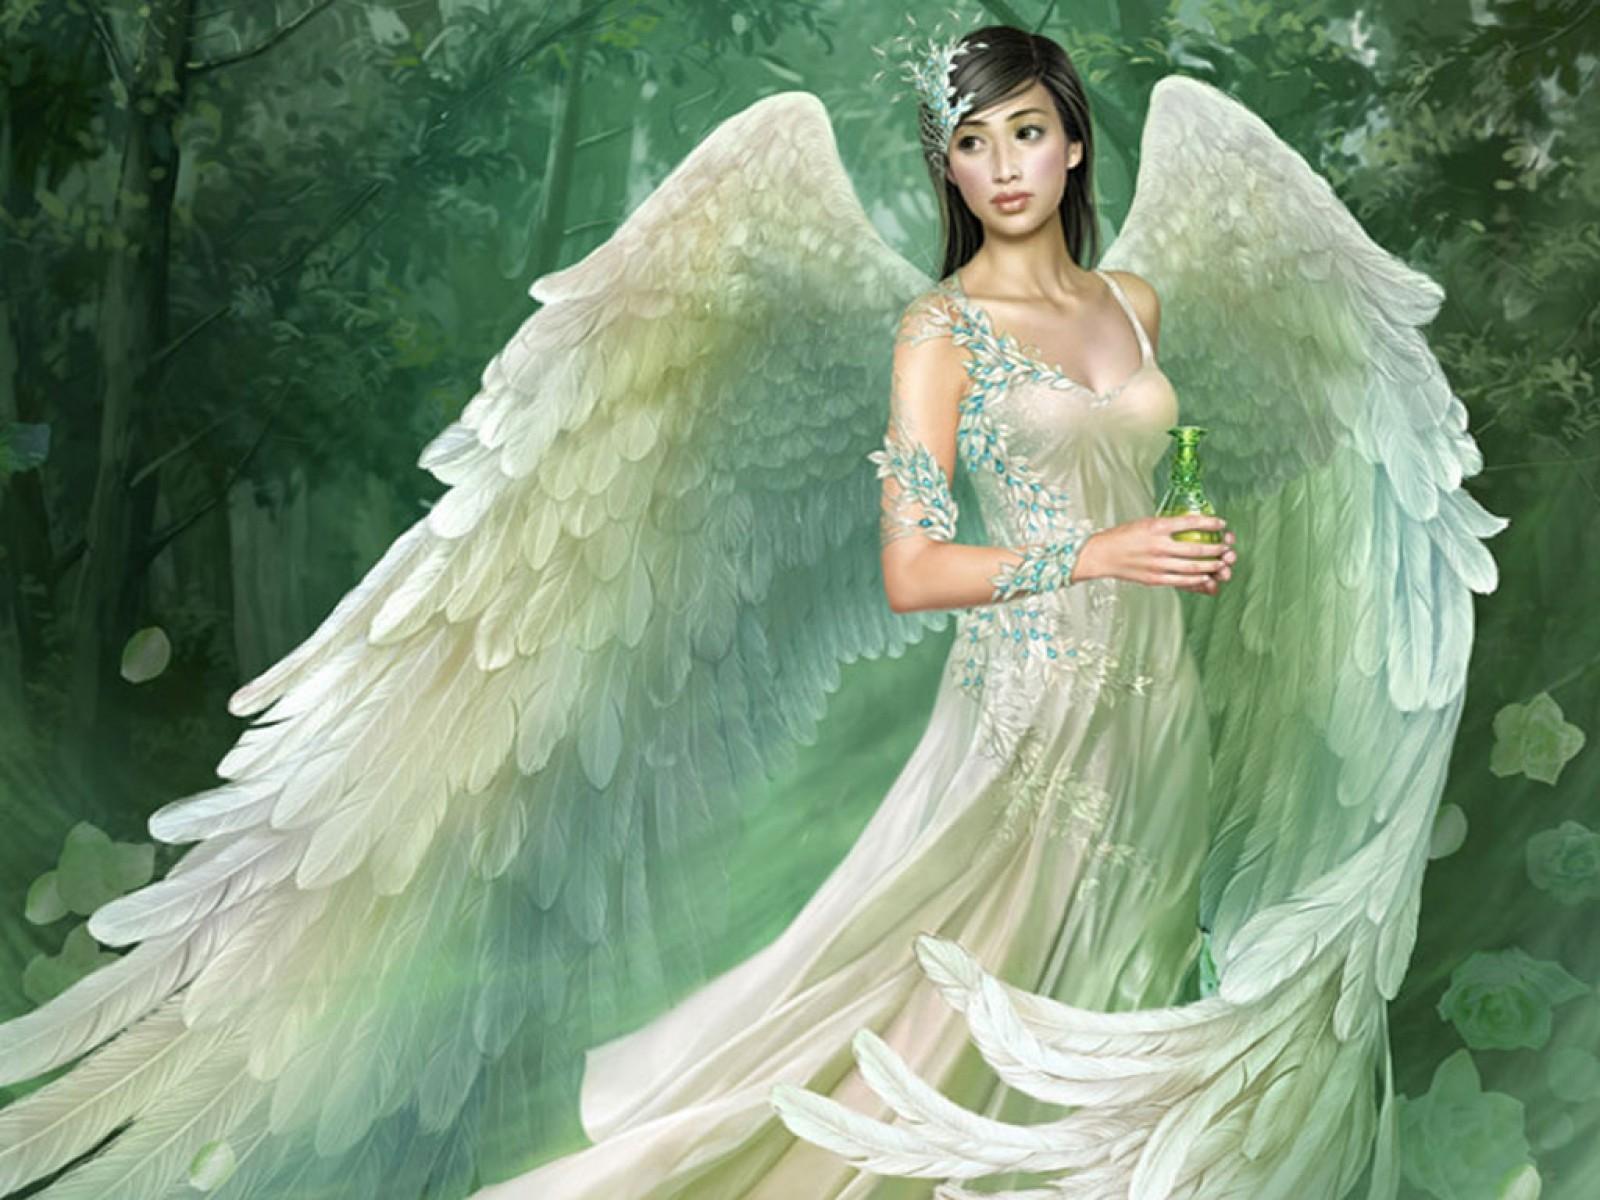 Programa para ponerle alas de angel a una foto 3